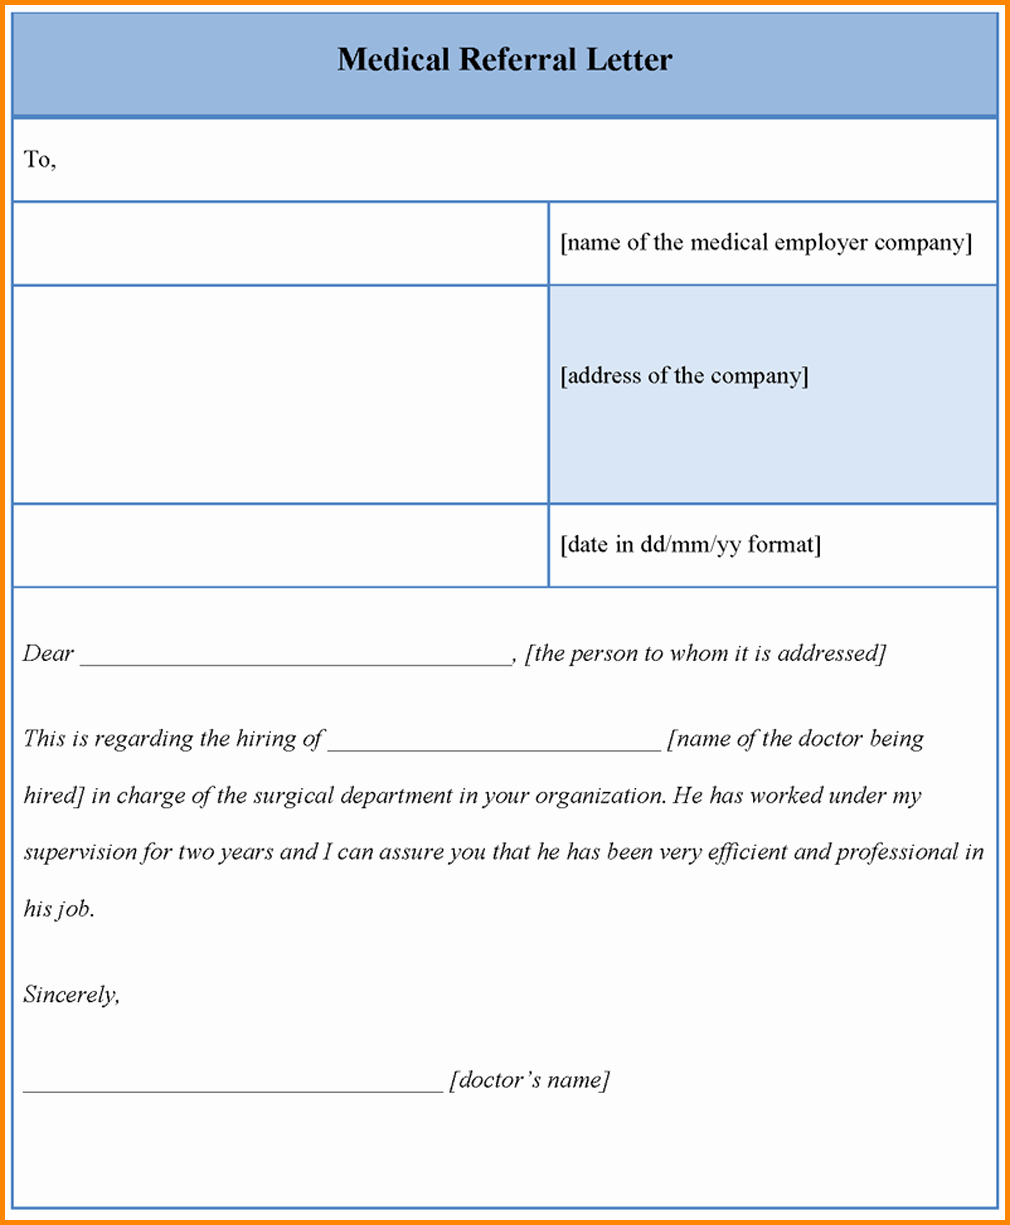 Medical Referral Letter Template Elegant Medical Referral Letter Template Microsoft Word